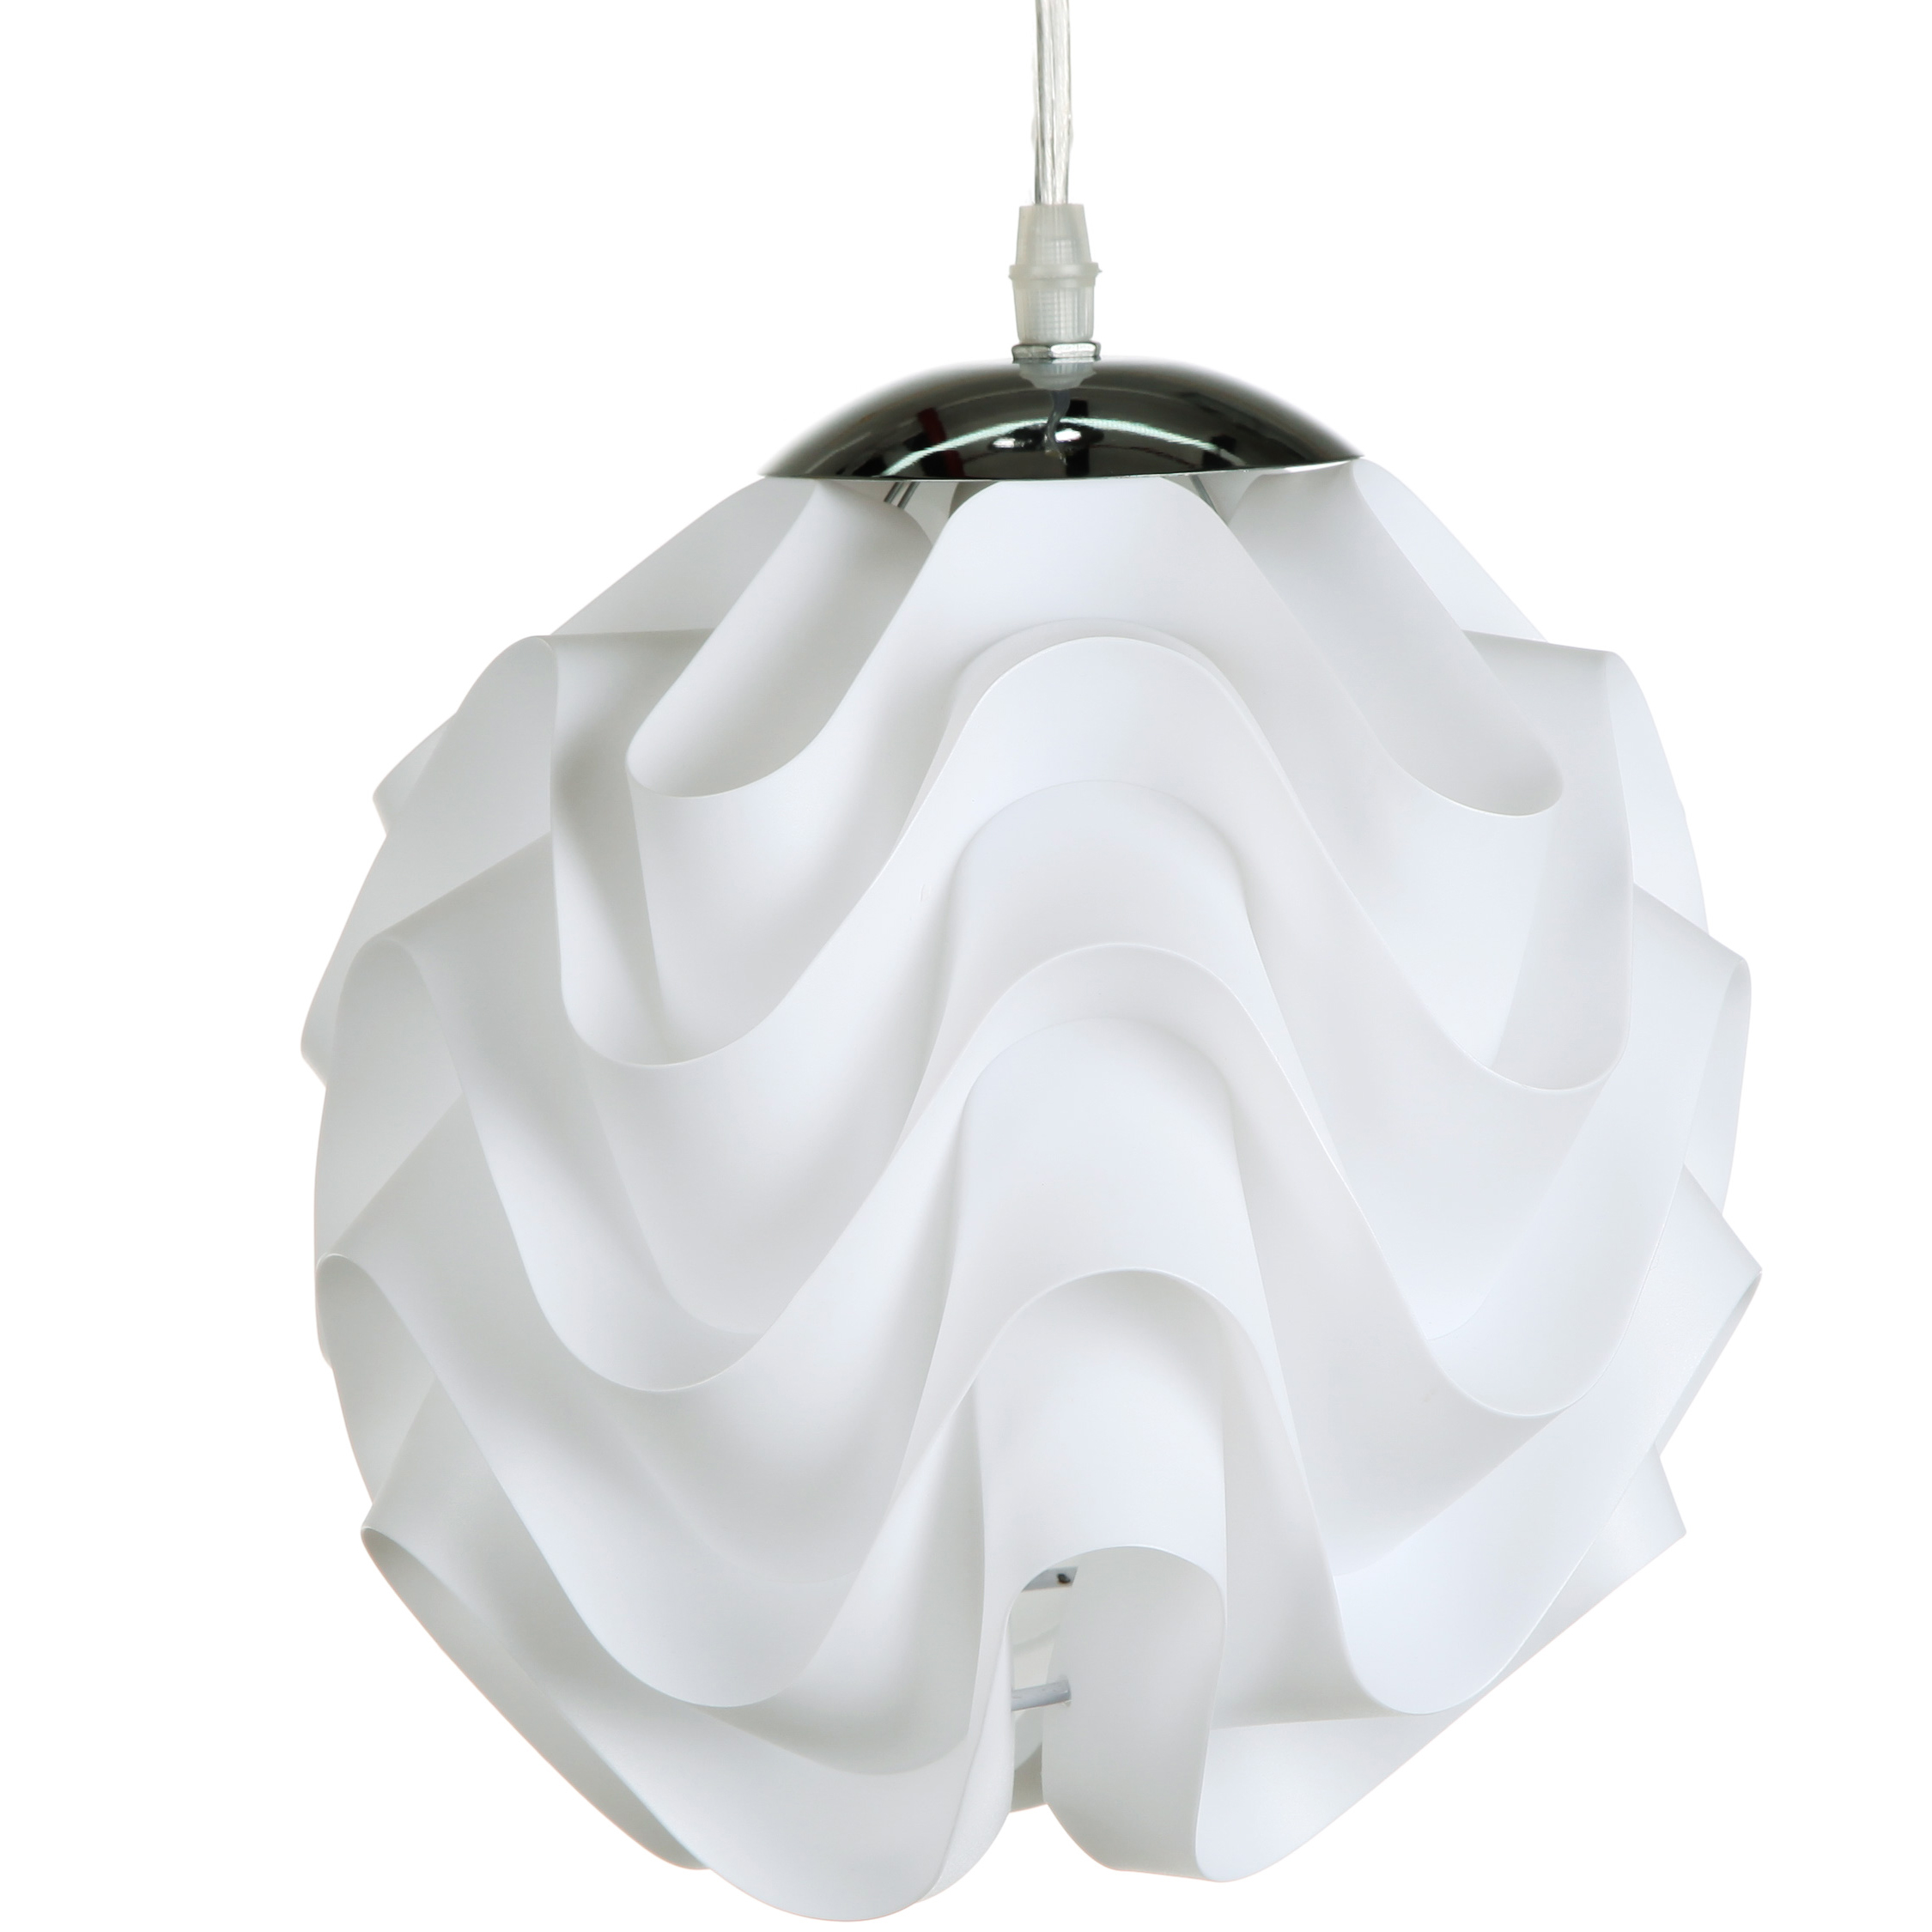 Подвесной светильник OzzyПодвесные светильники<br>Подвесной светильник Ozzy в стиле модерн, <br>с гофрированным тканевым абажуром подойдет <br>как для городских апартаментов, так и для <br>загородного дома. Шарообразный абажур молочного <br>цвета и хромированное металлическое основание, <br>обладая незамысловатыми формами, производят <br>впечатление изысканной простоты и изящества. <br>Такой светильник придает интерьеру оригинальность <br>и свежесть. Длина провода 95 см.<br><br>Цвет: Белый<br>Материал: Ткань, Металл<br>Вес кг: 0,5<br>Длина см: 27<br>Ширина см: 27<br>Высота см: 27